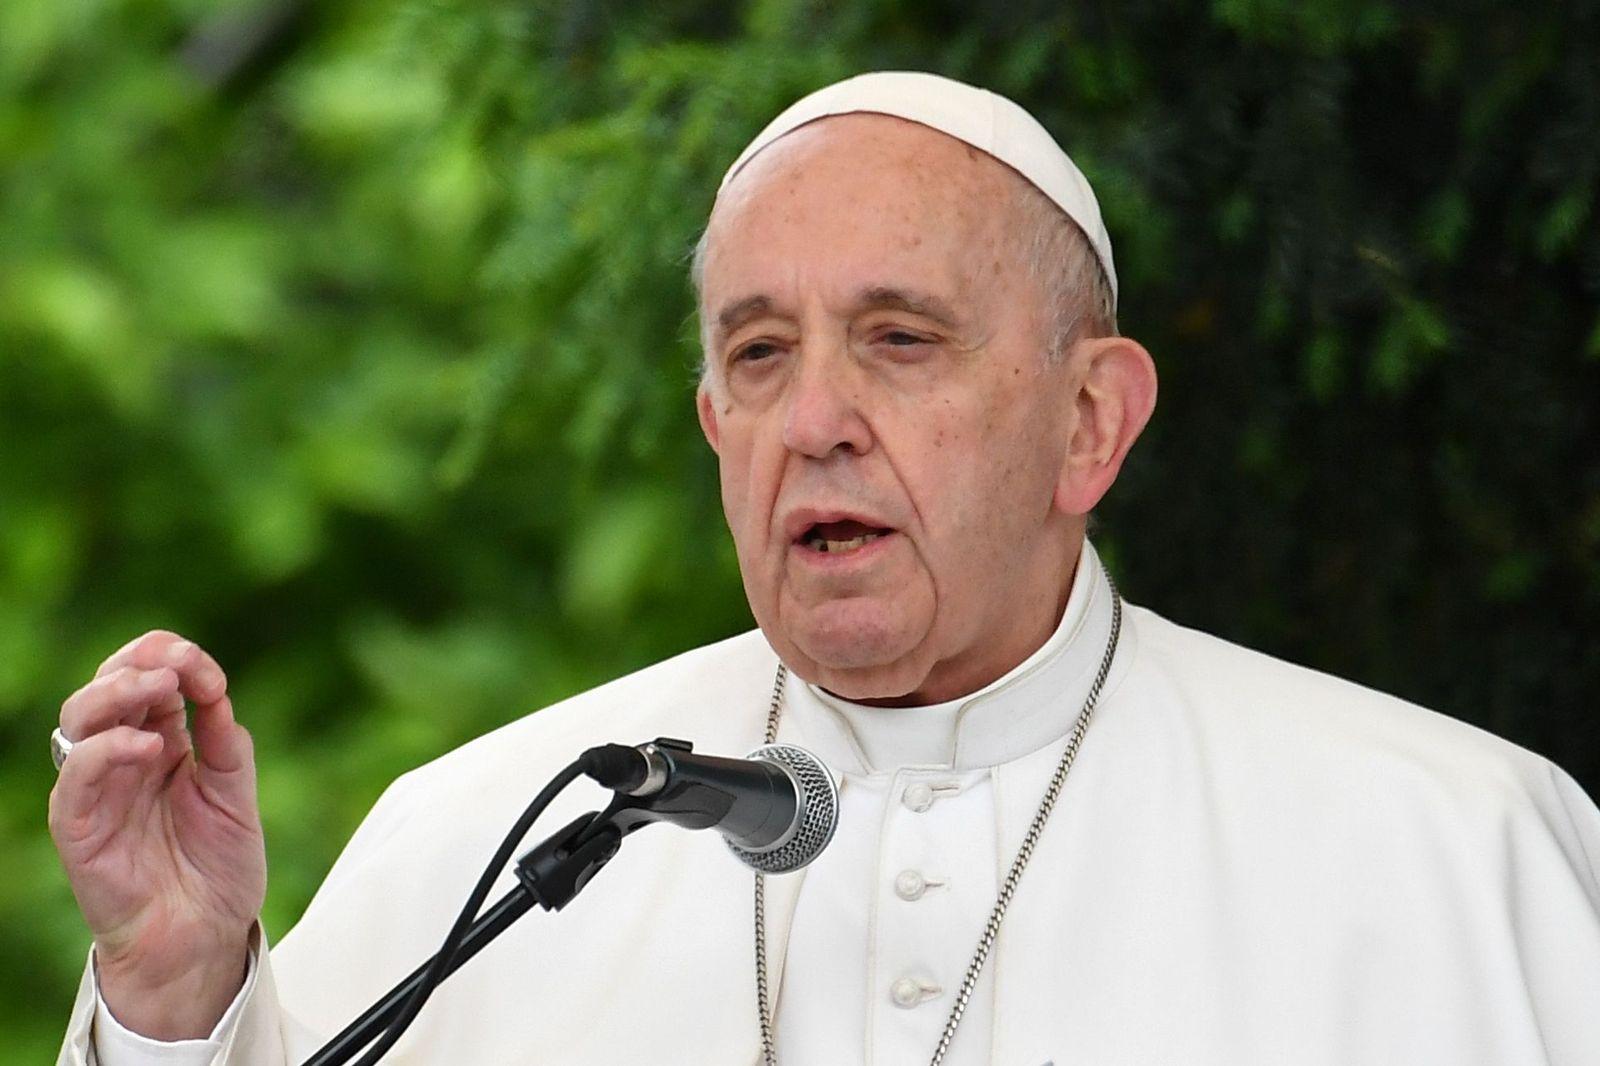 Papst/ Missbrauch/ Meldepflicht